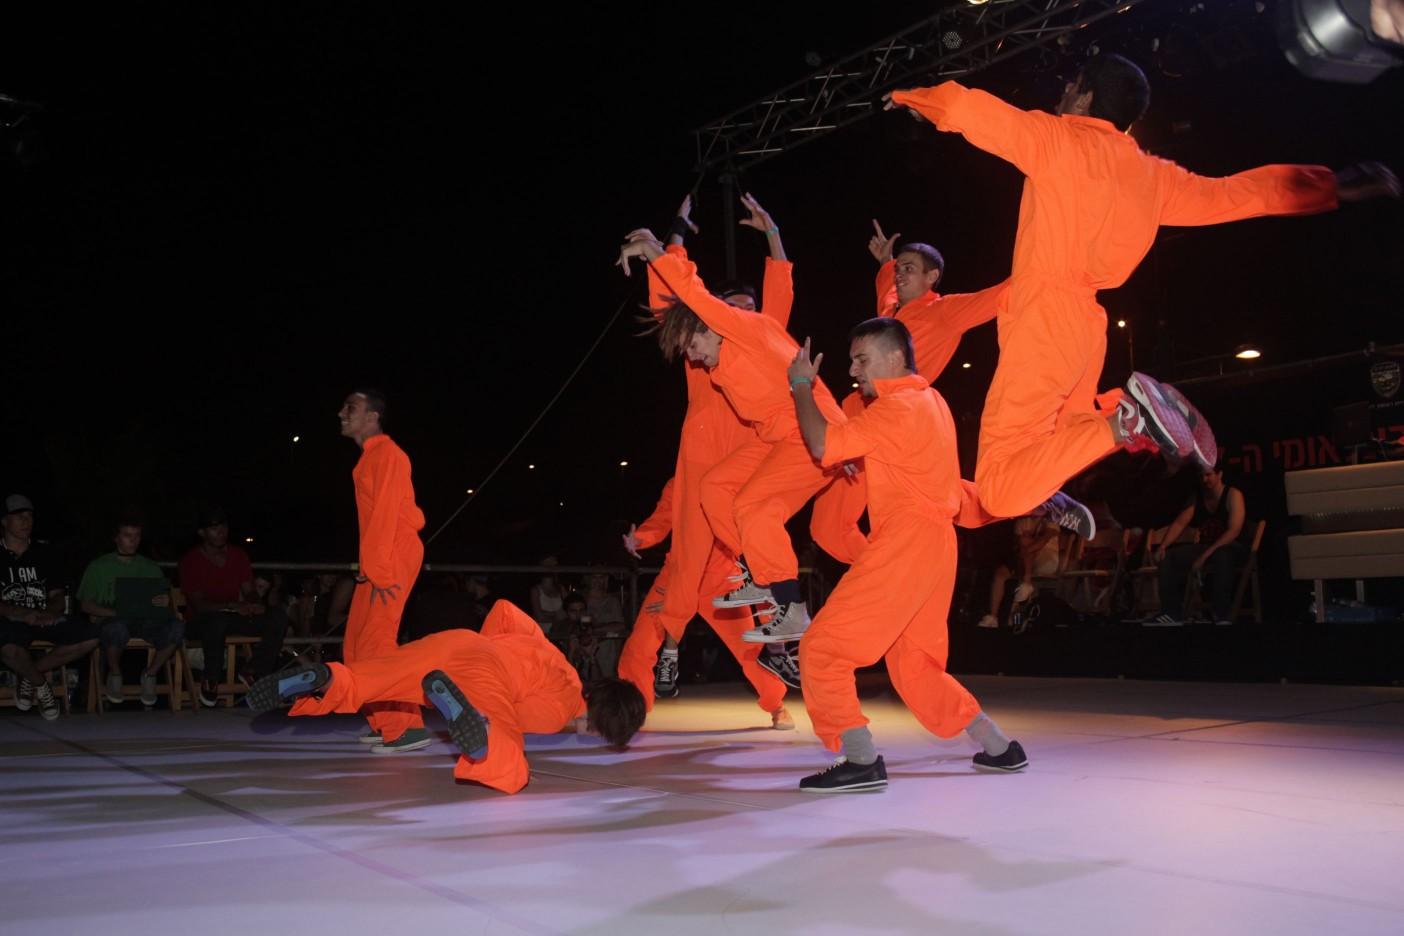 BOTY 2010 Elefunx Crew (47)